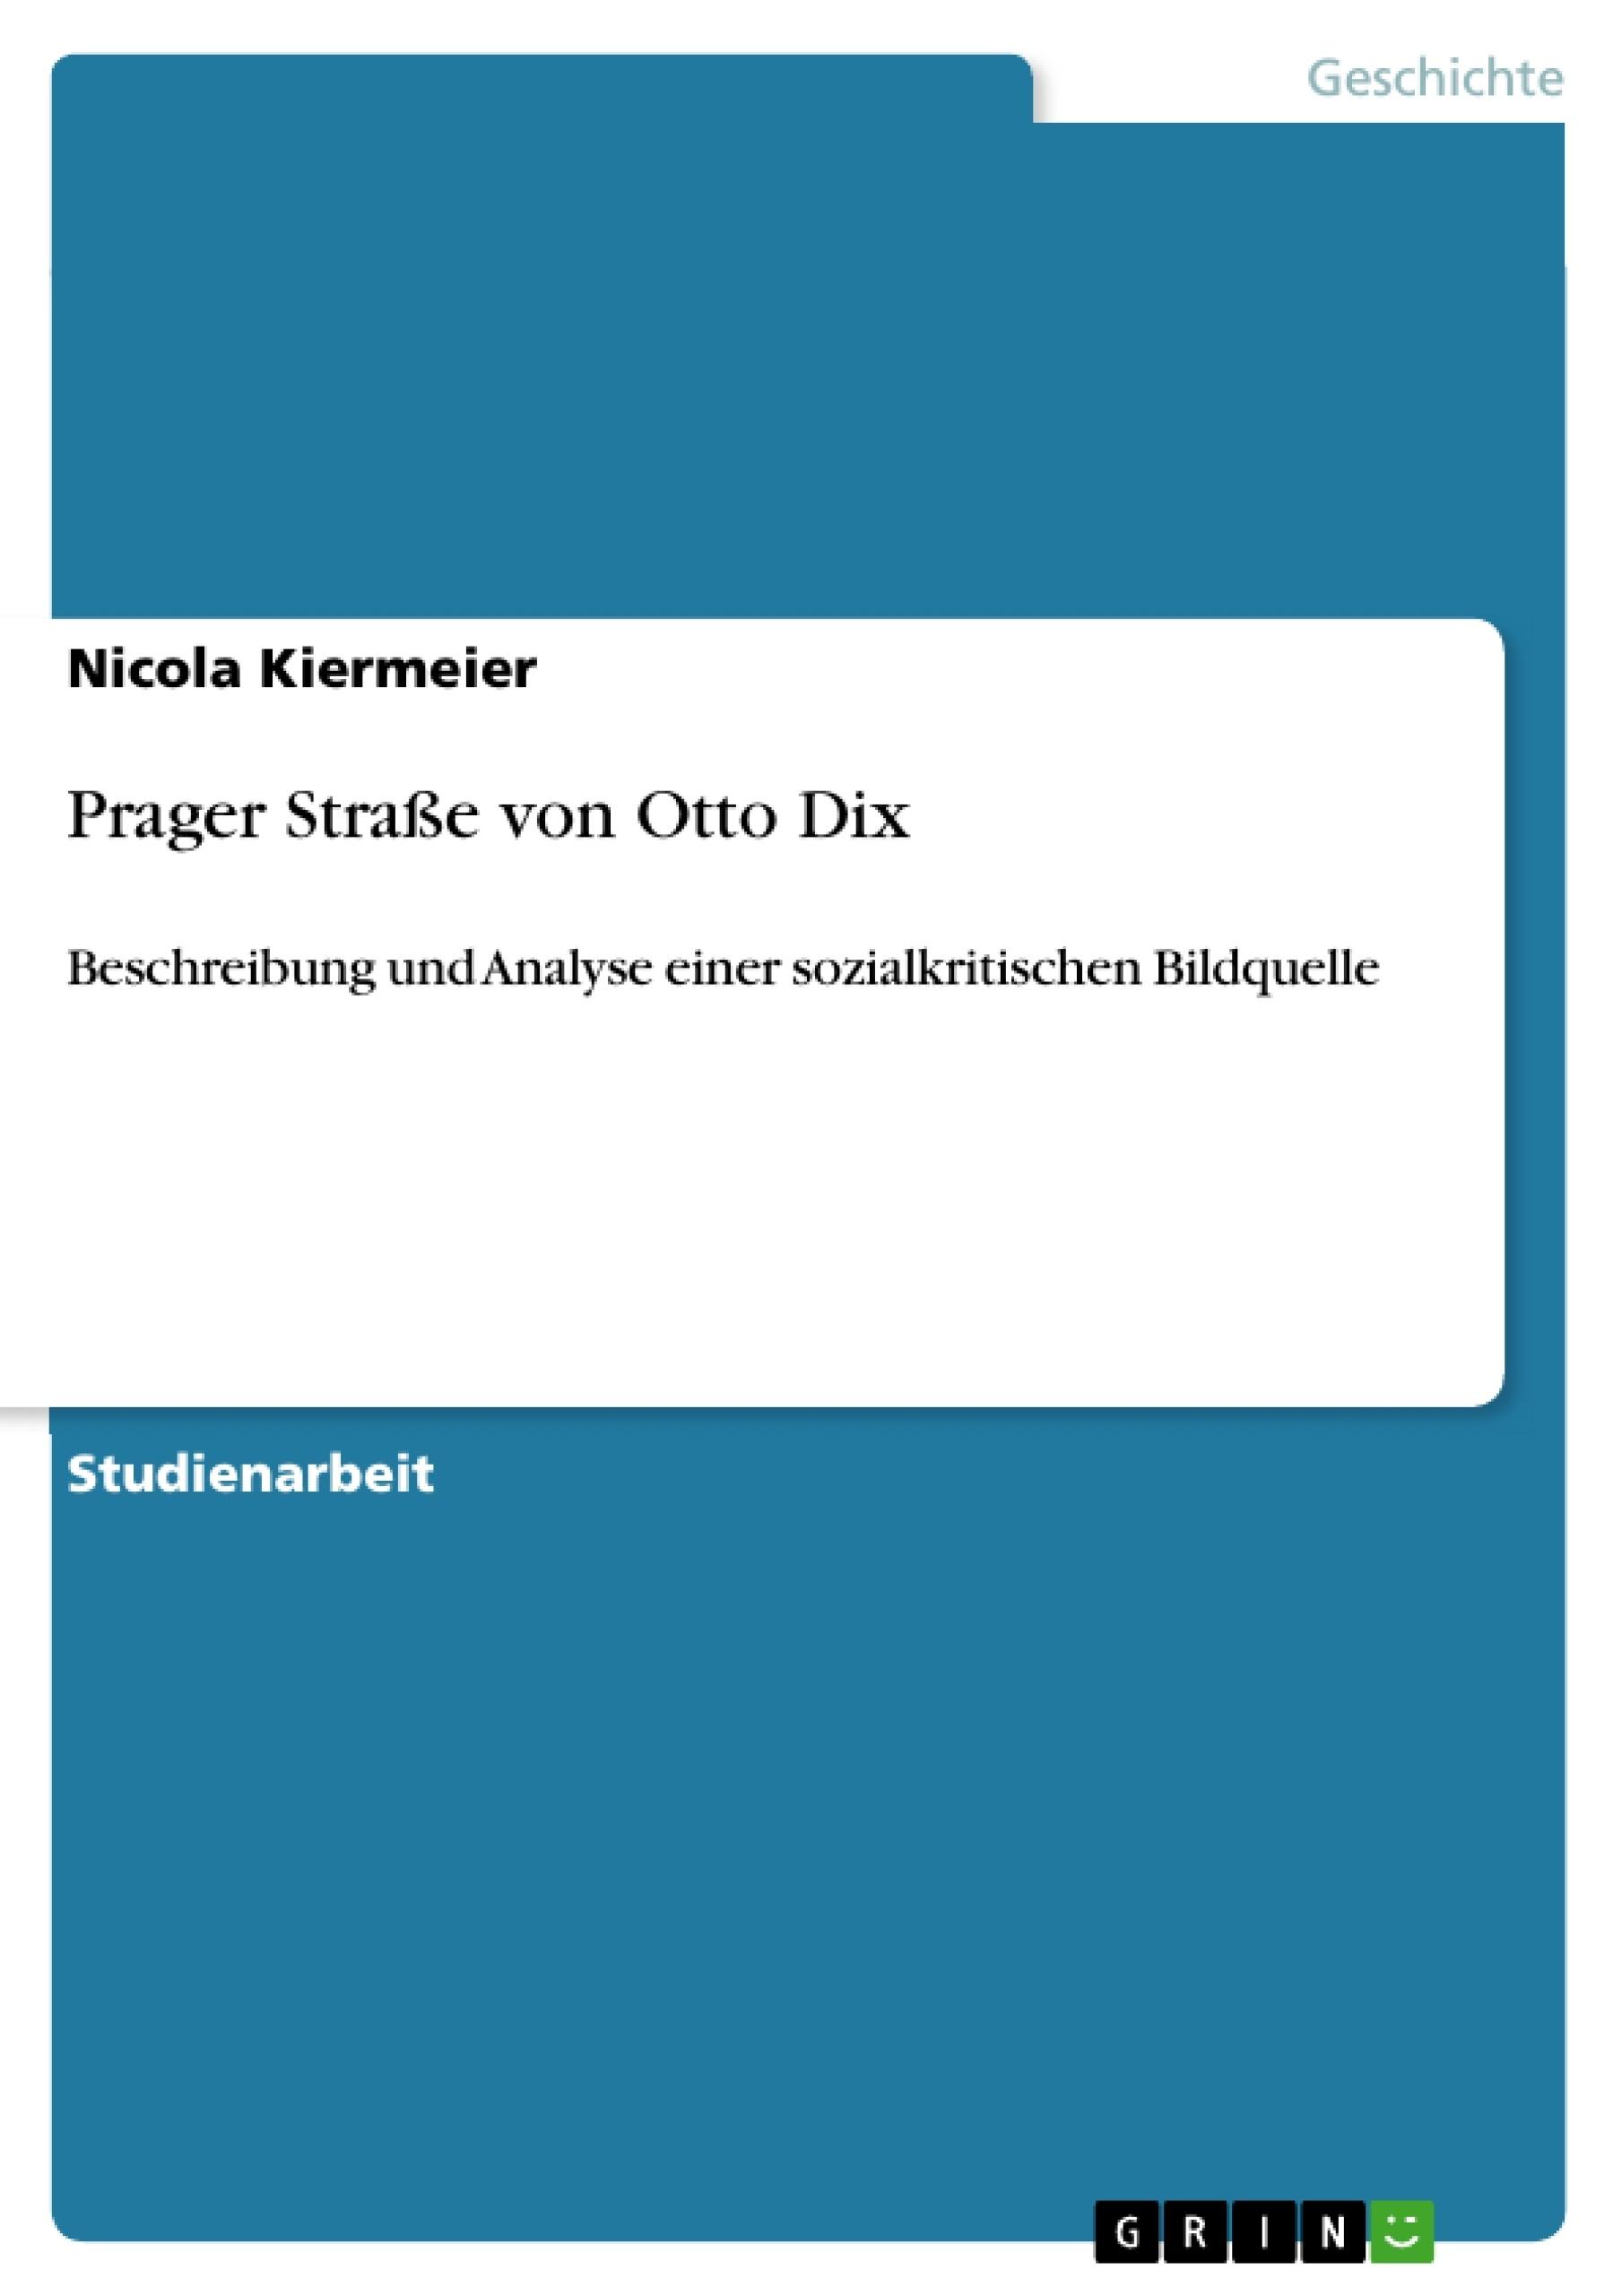 Titel: Prager Straße von Otto Dix